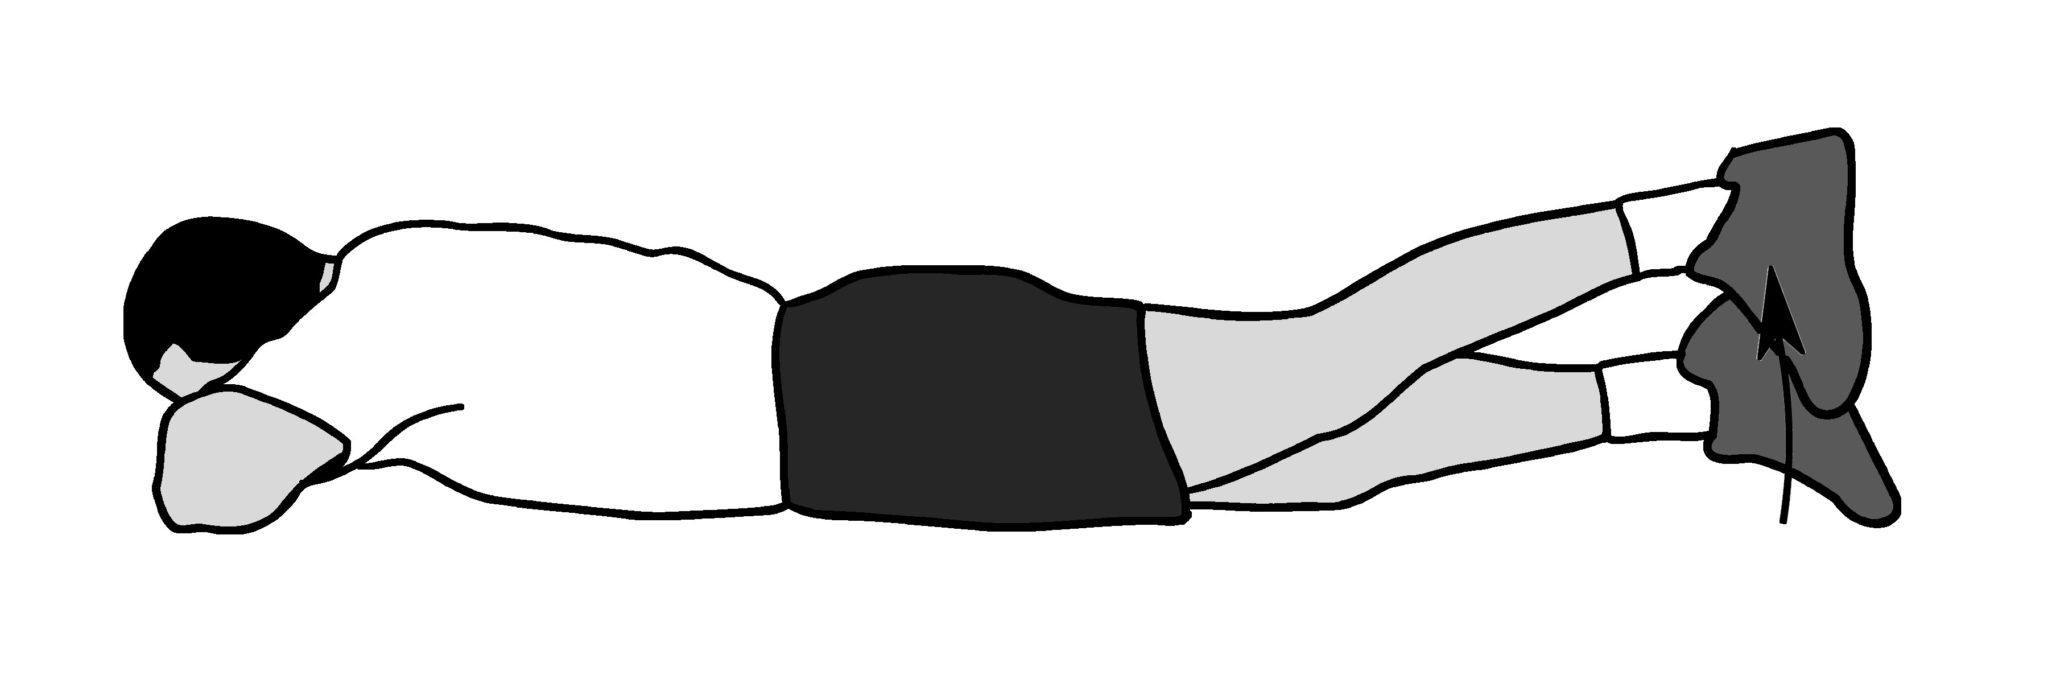 Прямые ноги поднимаются (подвержены)